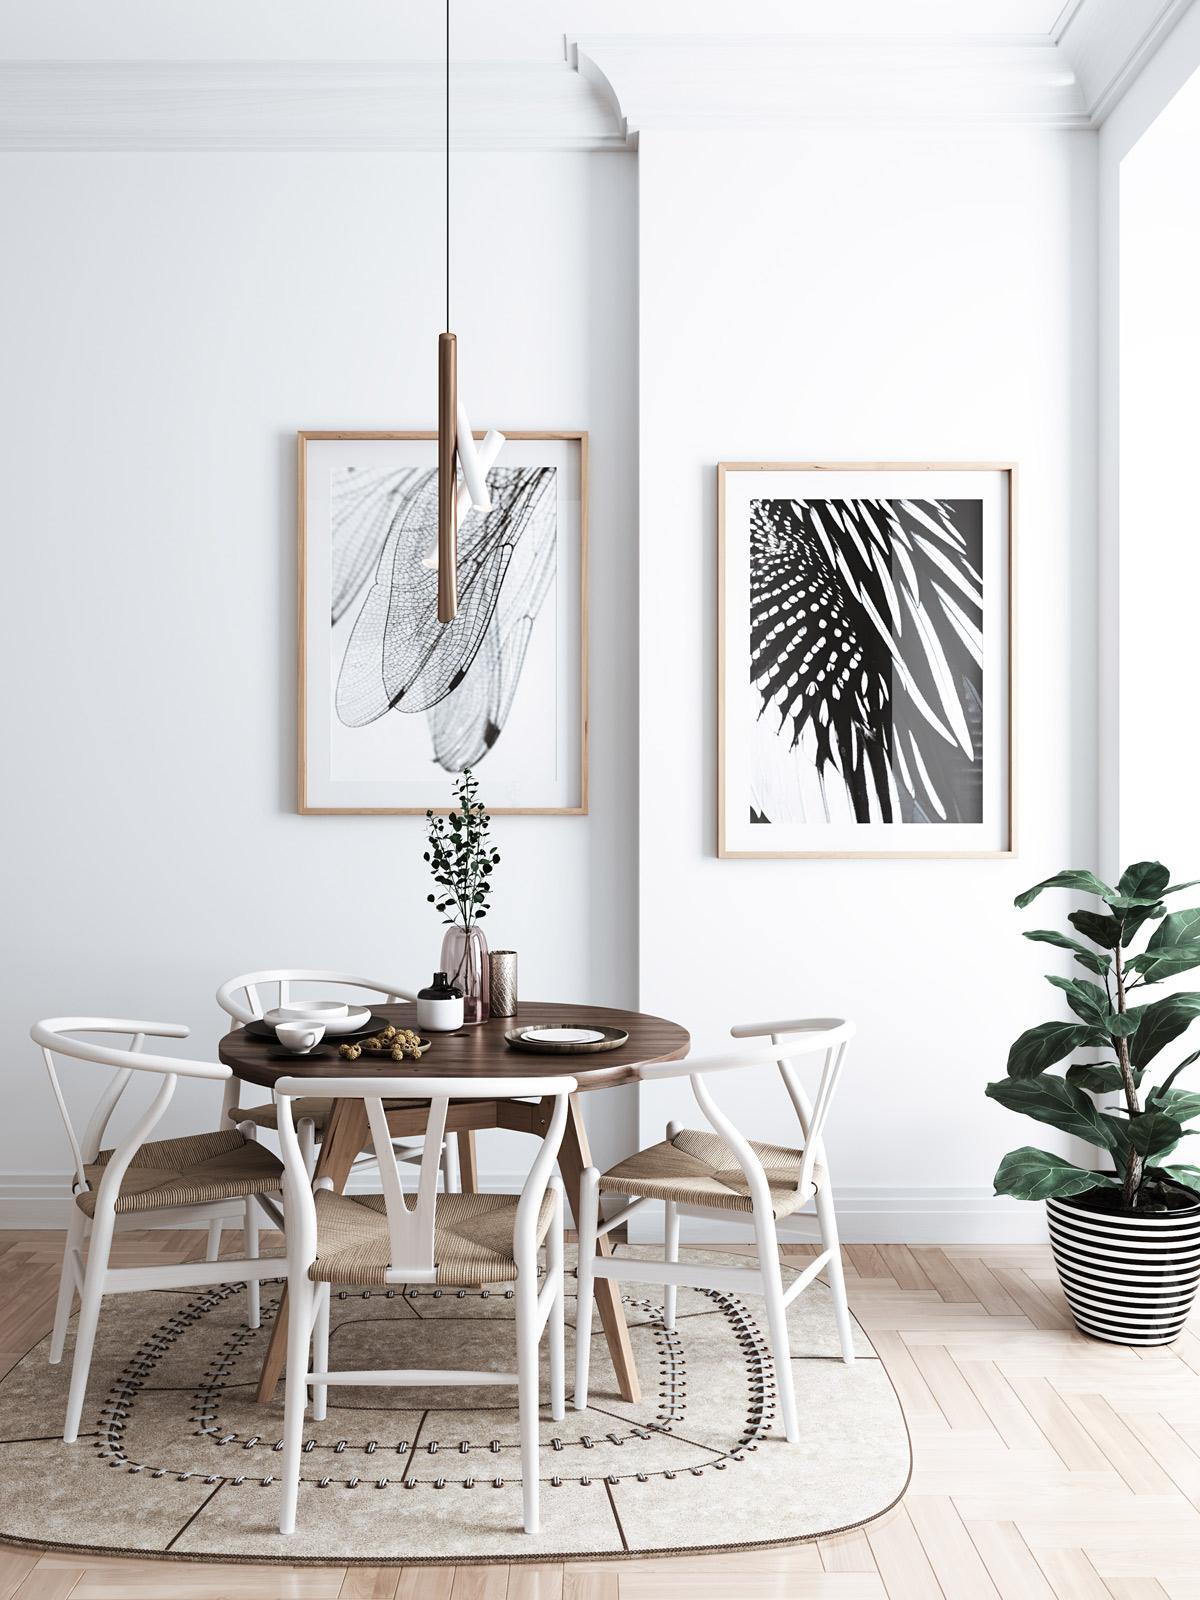 artistic-minimalist-dining-room